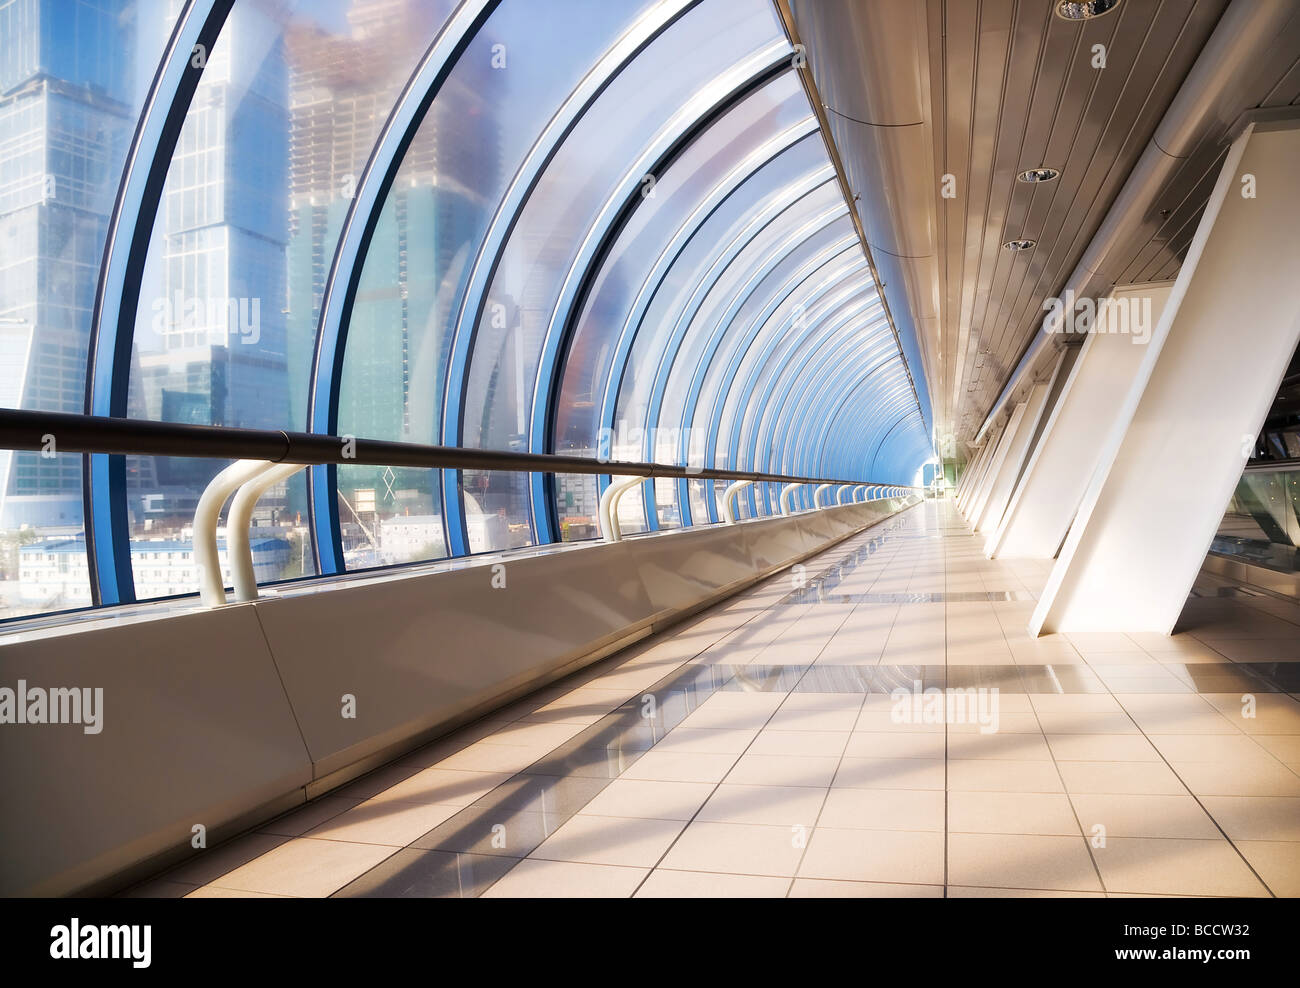 Puente moderno interior amplio ángulo de visión Imagen De Stock